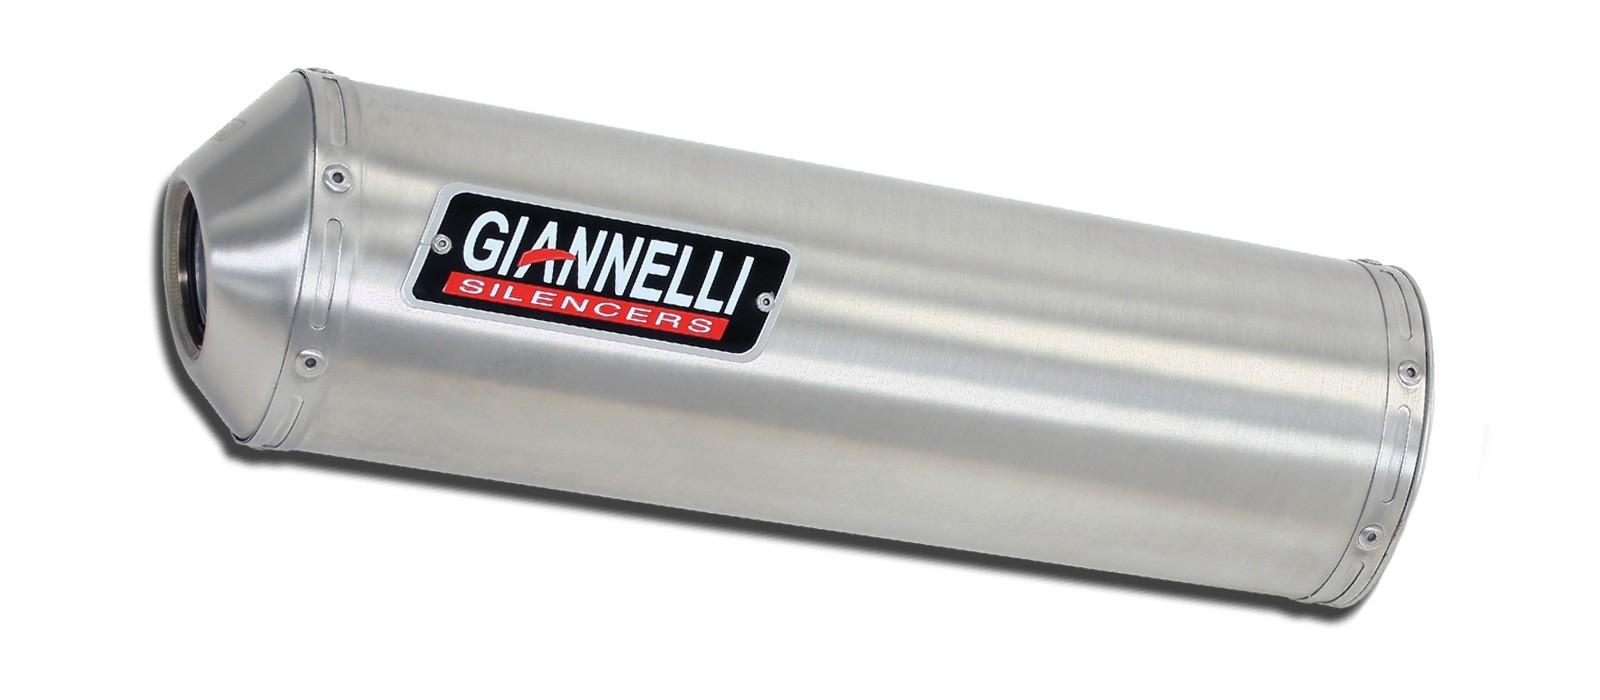 ESCAPES GIANNELLI KAWASAKI - Slip on MINI OVAL aluminio Kawasaki KLR 650 Giannelli 73691A1 -